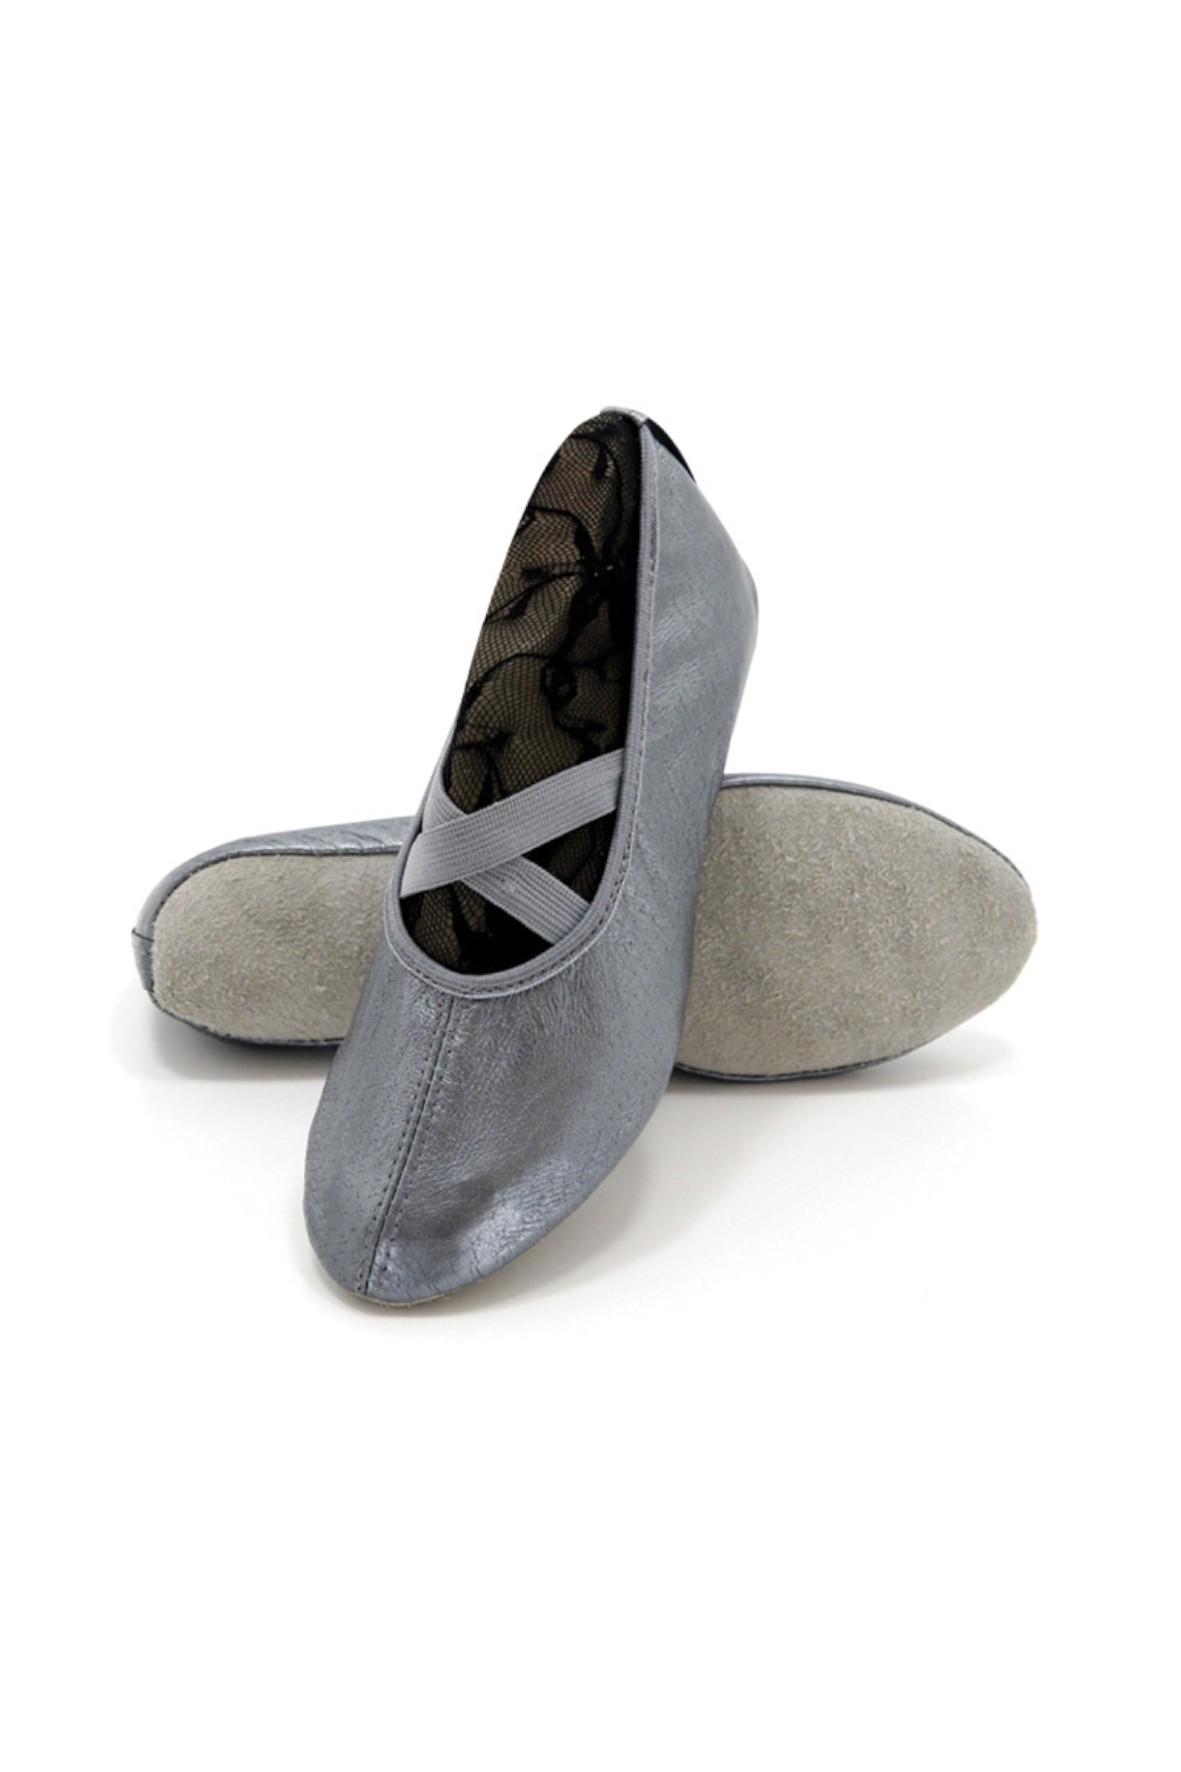 Baletki dziewczęce srebrne- skórzane